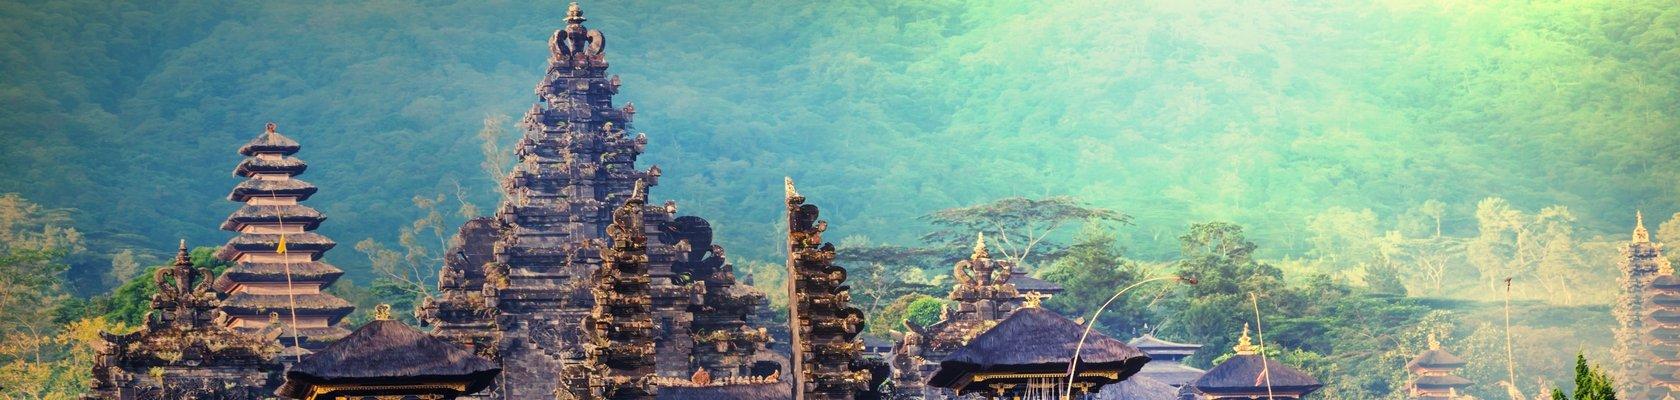 Moedertempel van Bali; Besakih